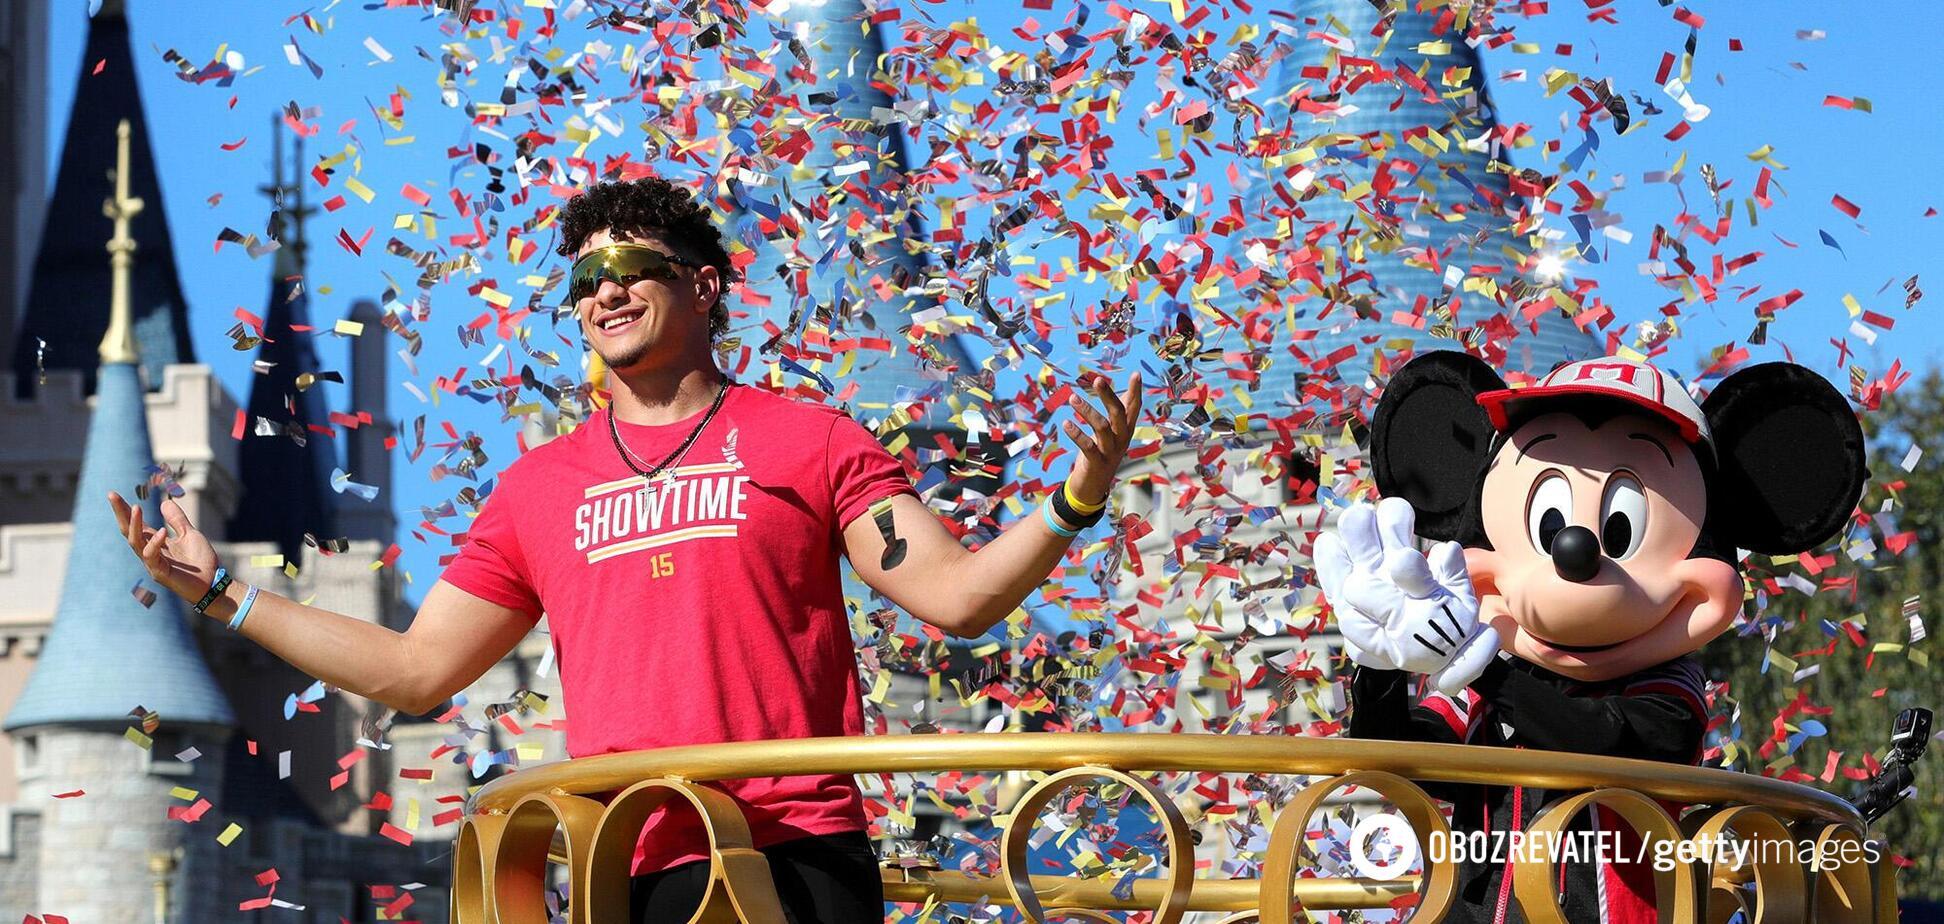 Патрик Махоумс празднует победу в Супербоуле-2020